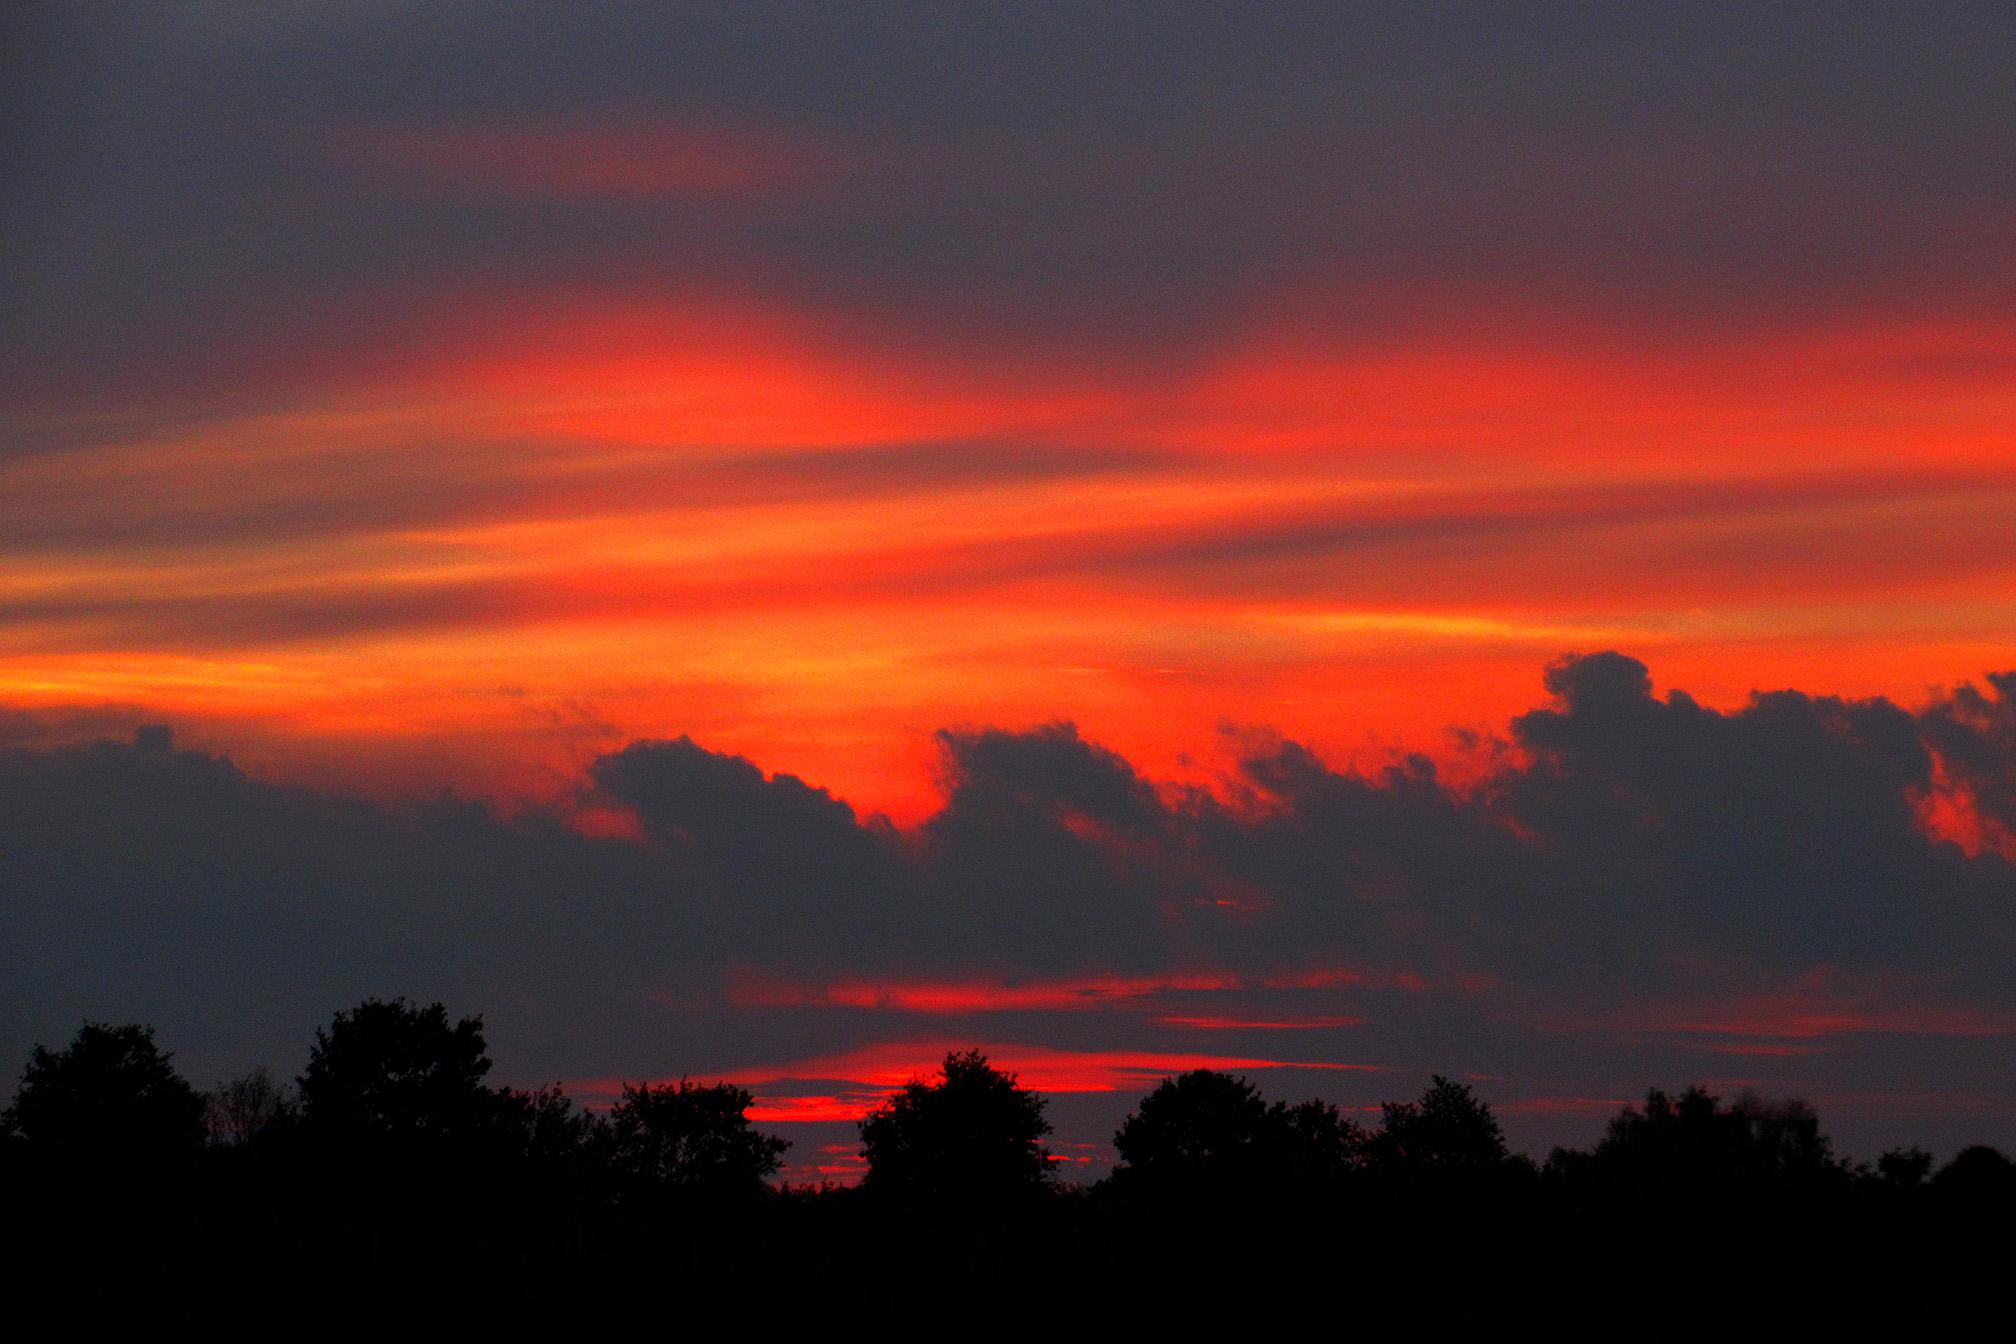 Een prachtig 'vlammend' avondrood boven het bos aan de horizon - Foto: ©Louis Fraanje